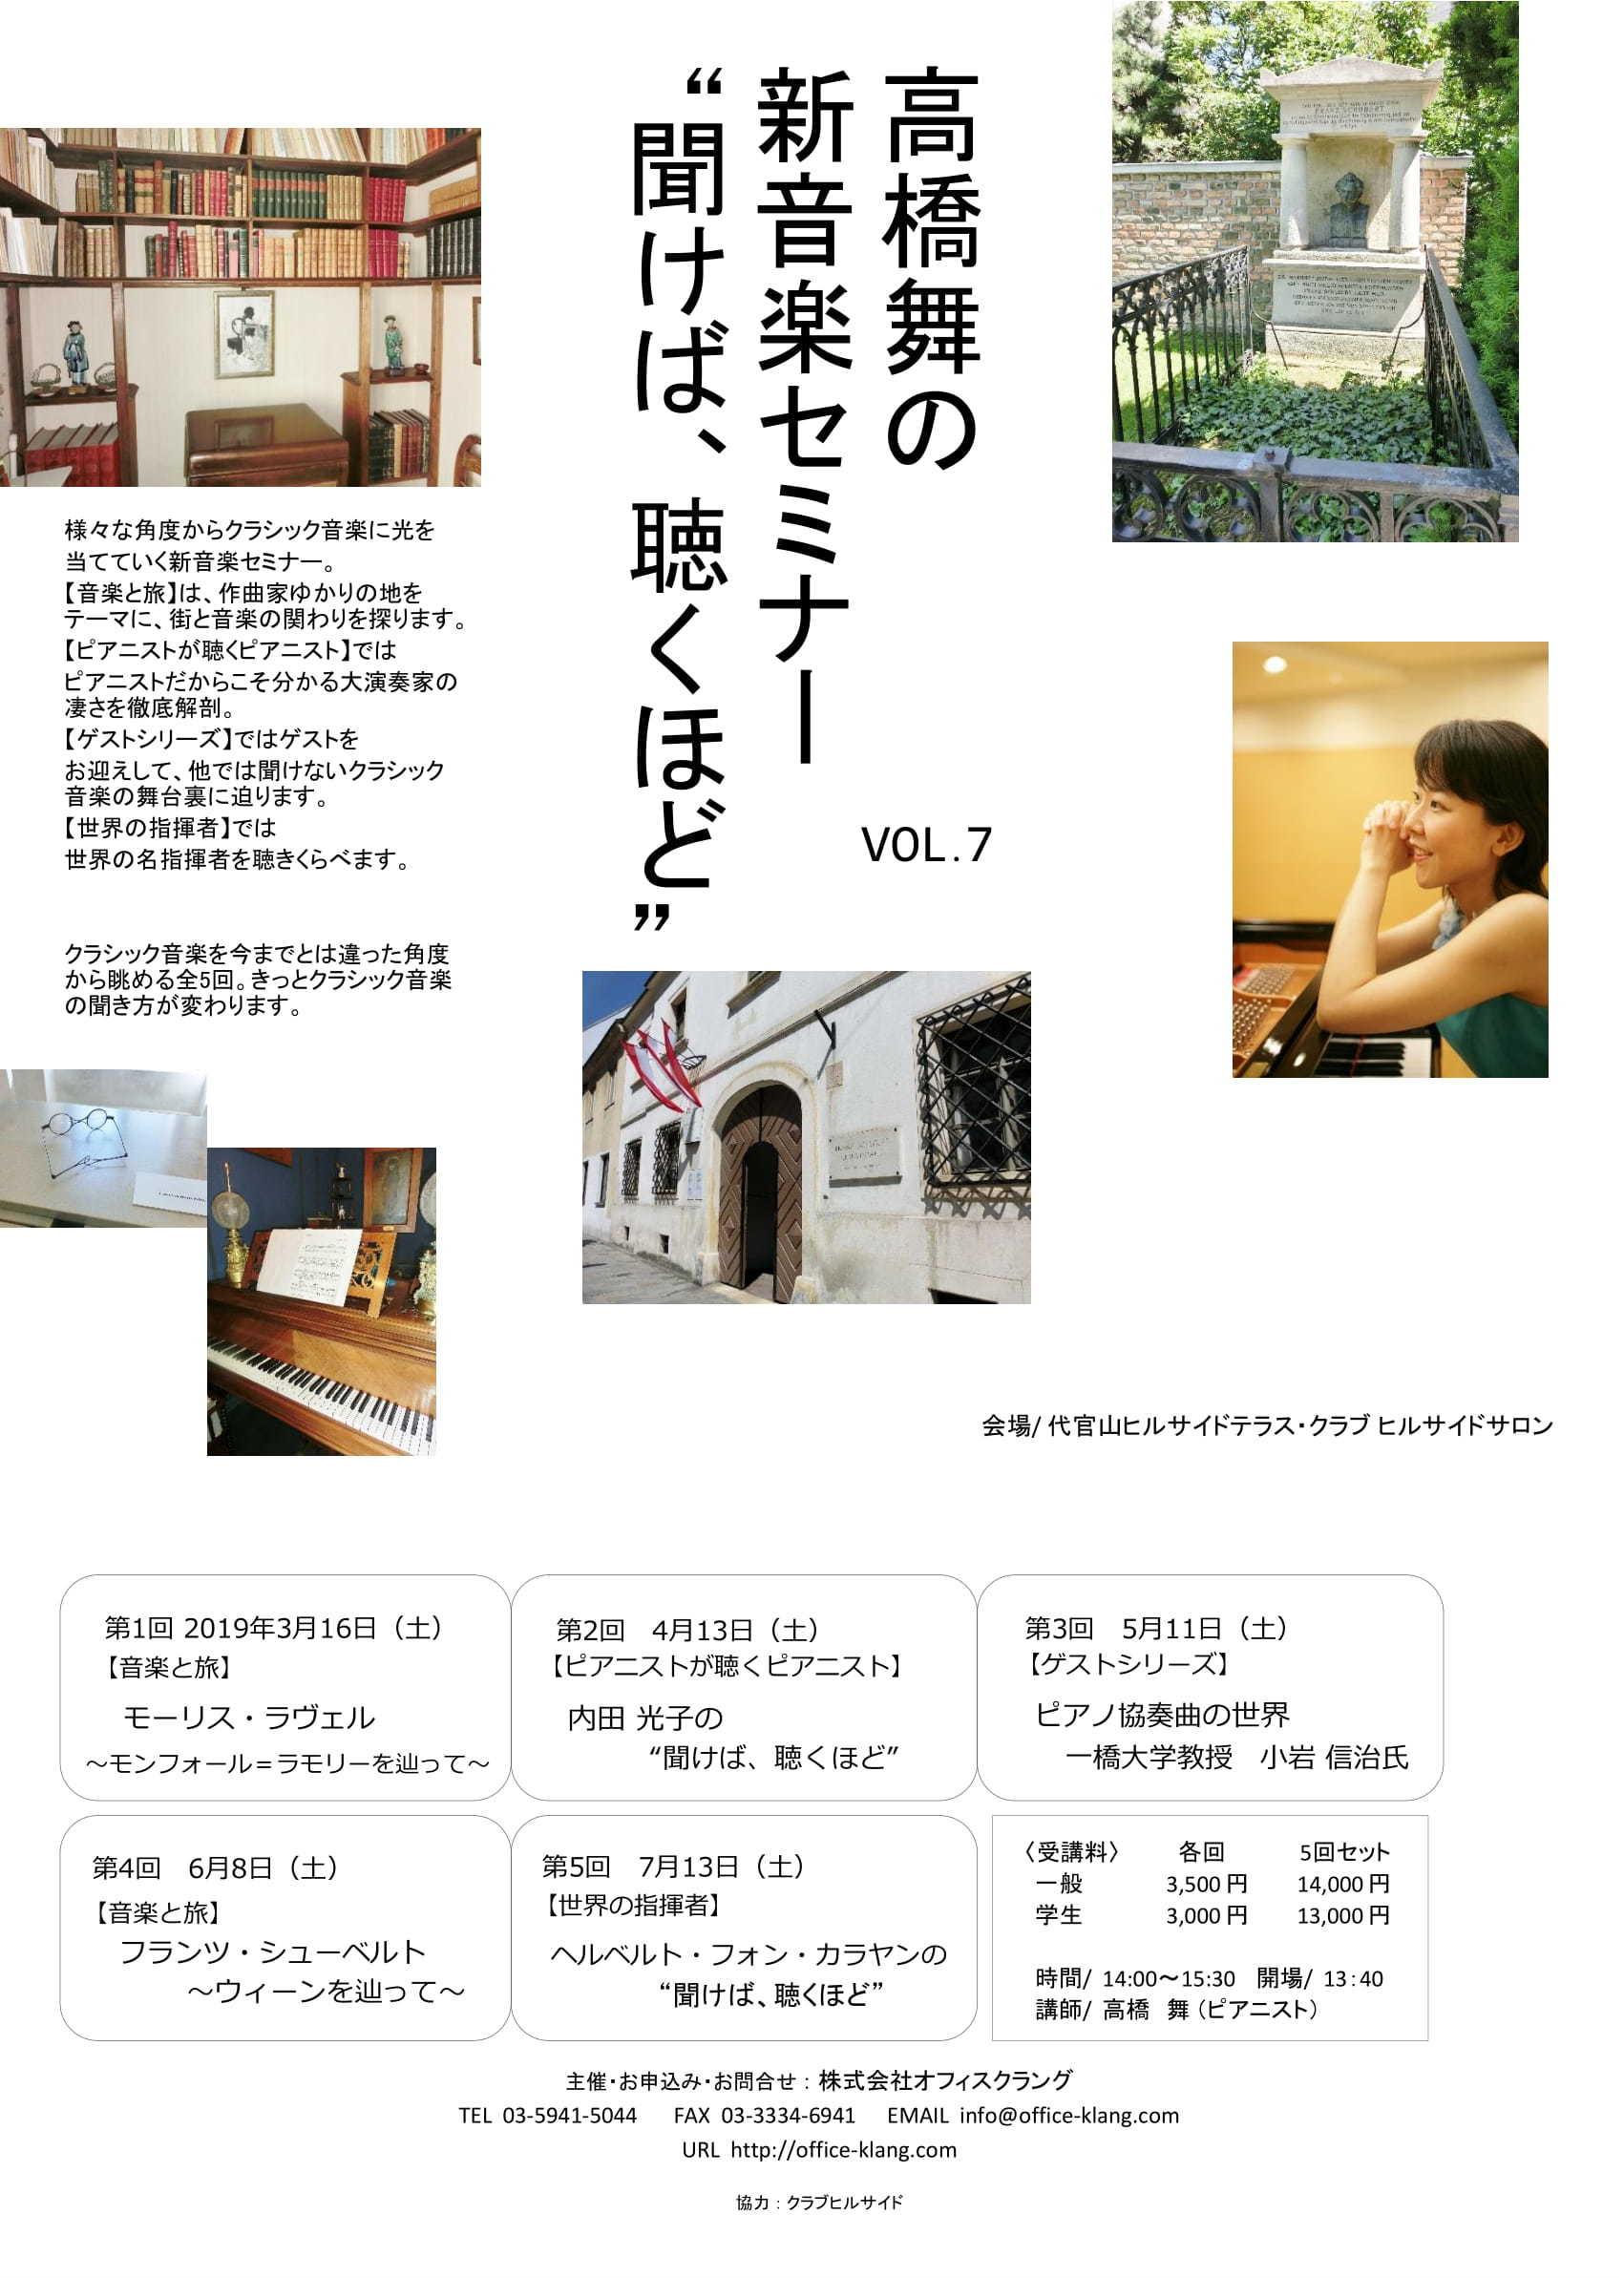 """高橋舞の新音楽セミナー\""""聞けば、聴くほど\""""Vol.7のご案内_f0178060_17544559.jpg"""